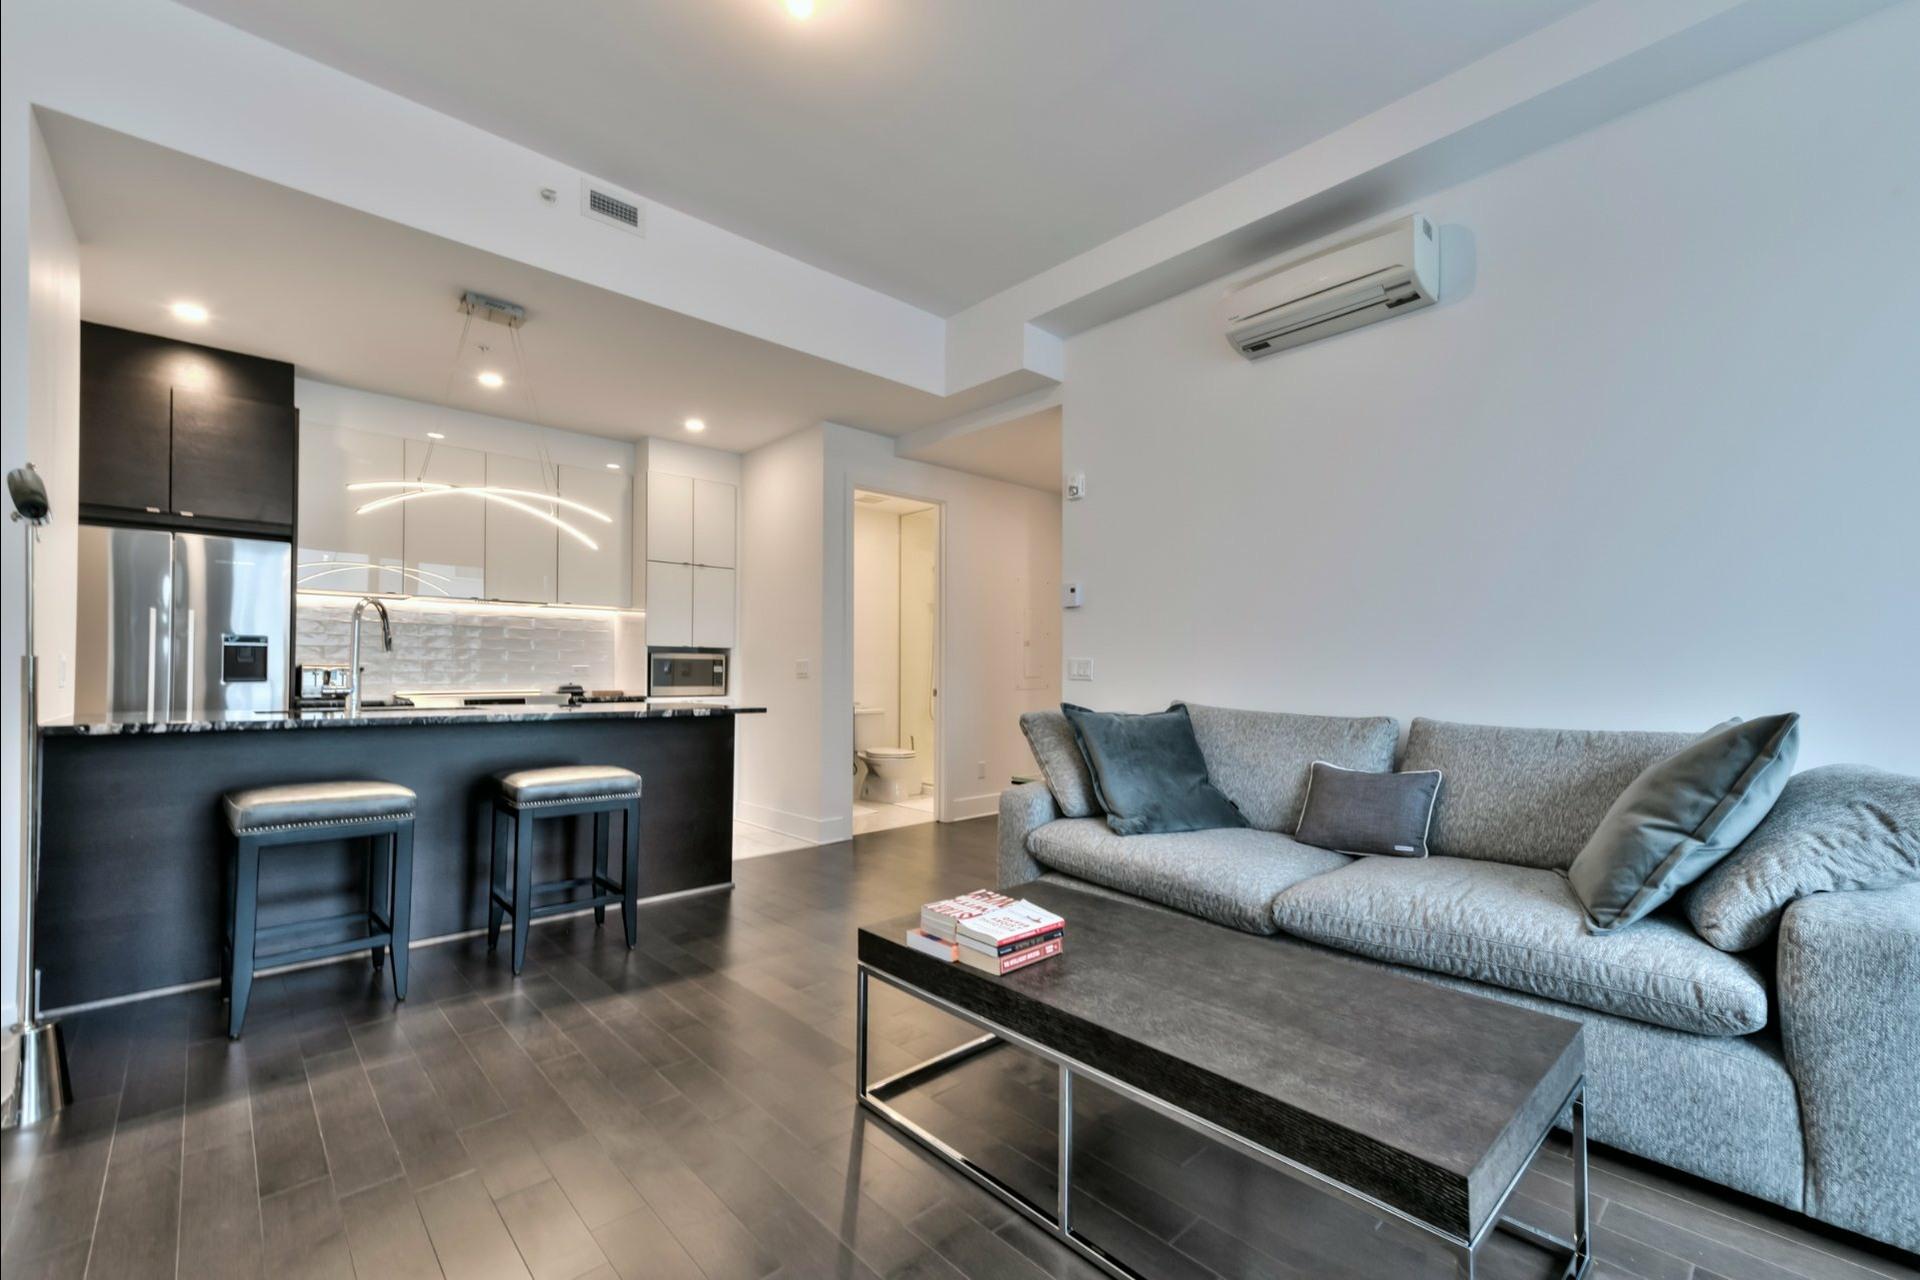 image 3 - 公寓 出售 Côte-des-Neiges/Notre-Dame-de-Grâce Montréal  - 4 室